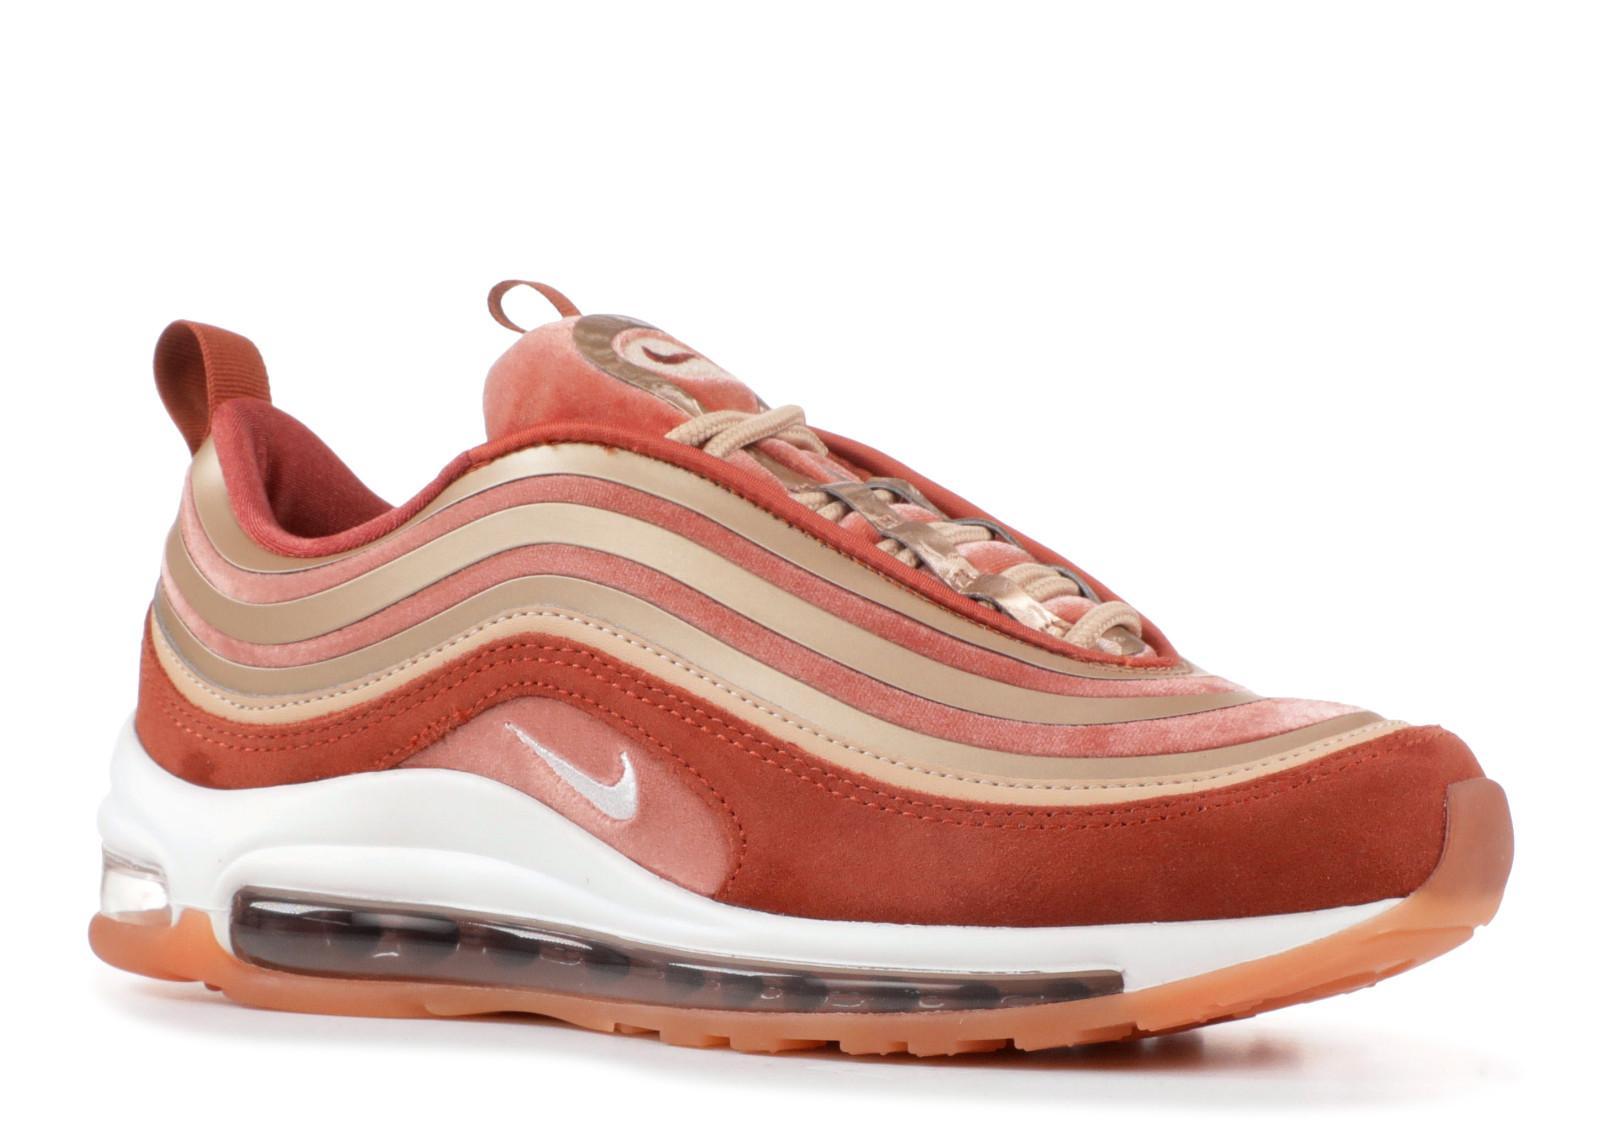 8770e03960 Nike Air Max 97 Ultra 17 LX 'Dusty Peach' ...